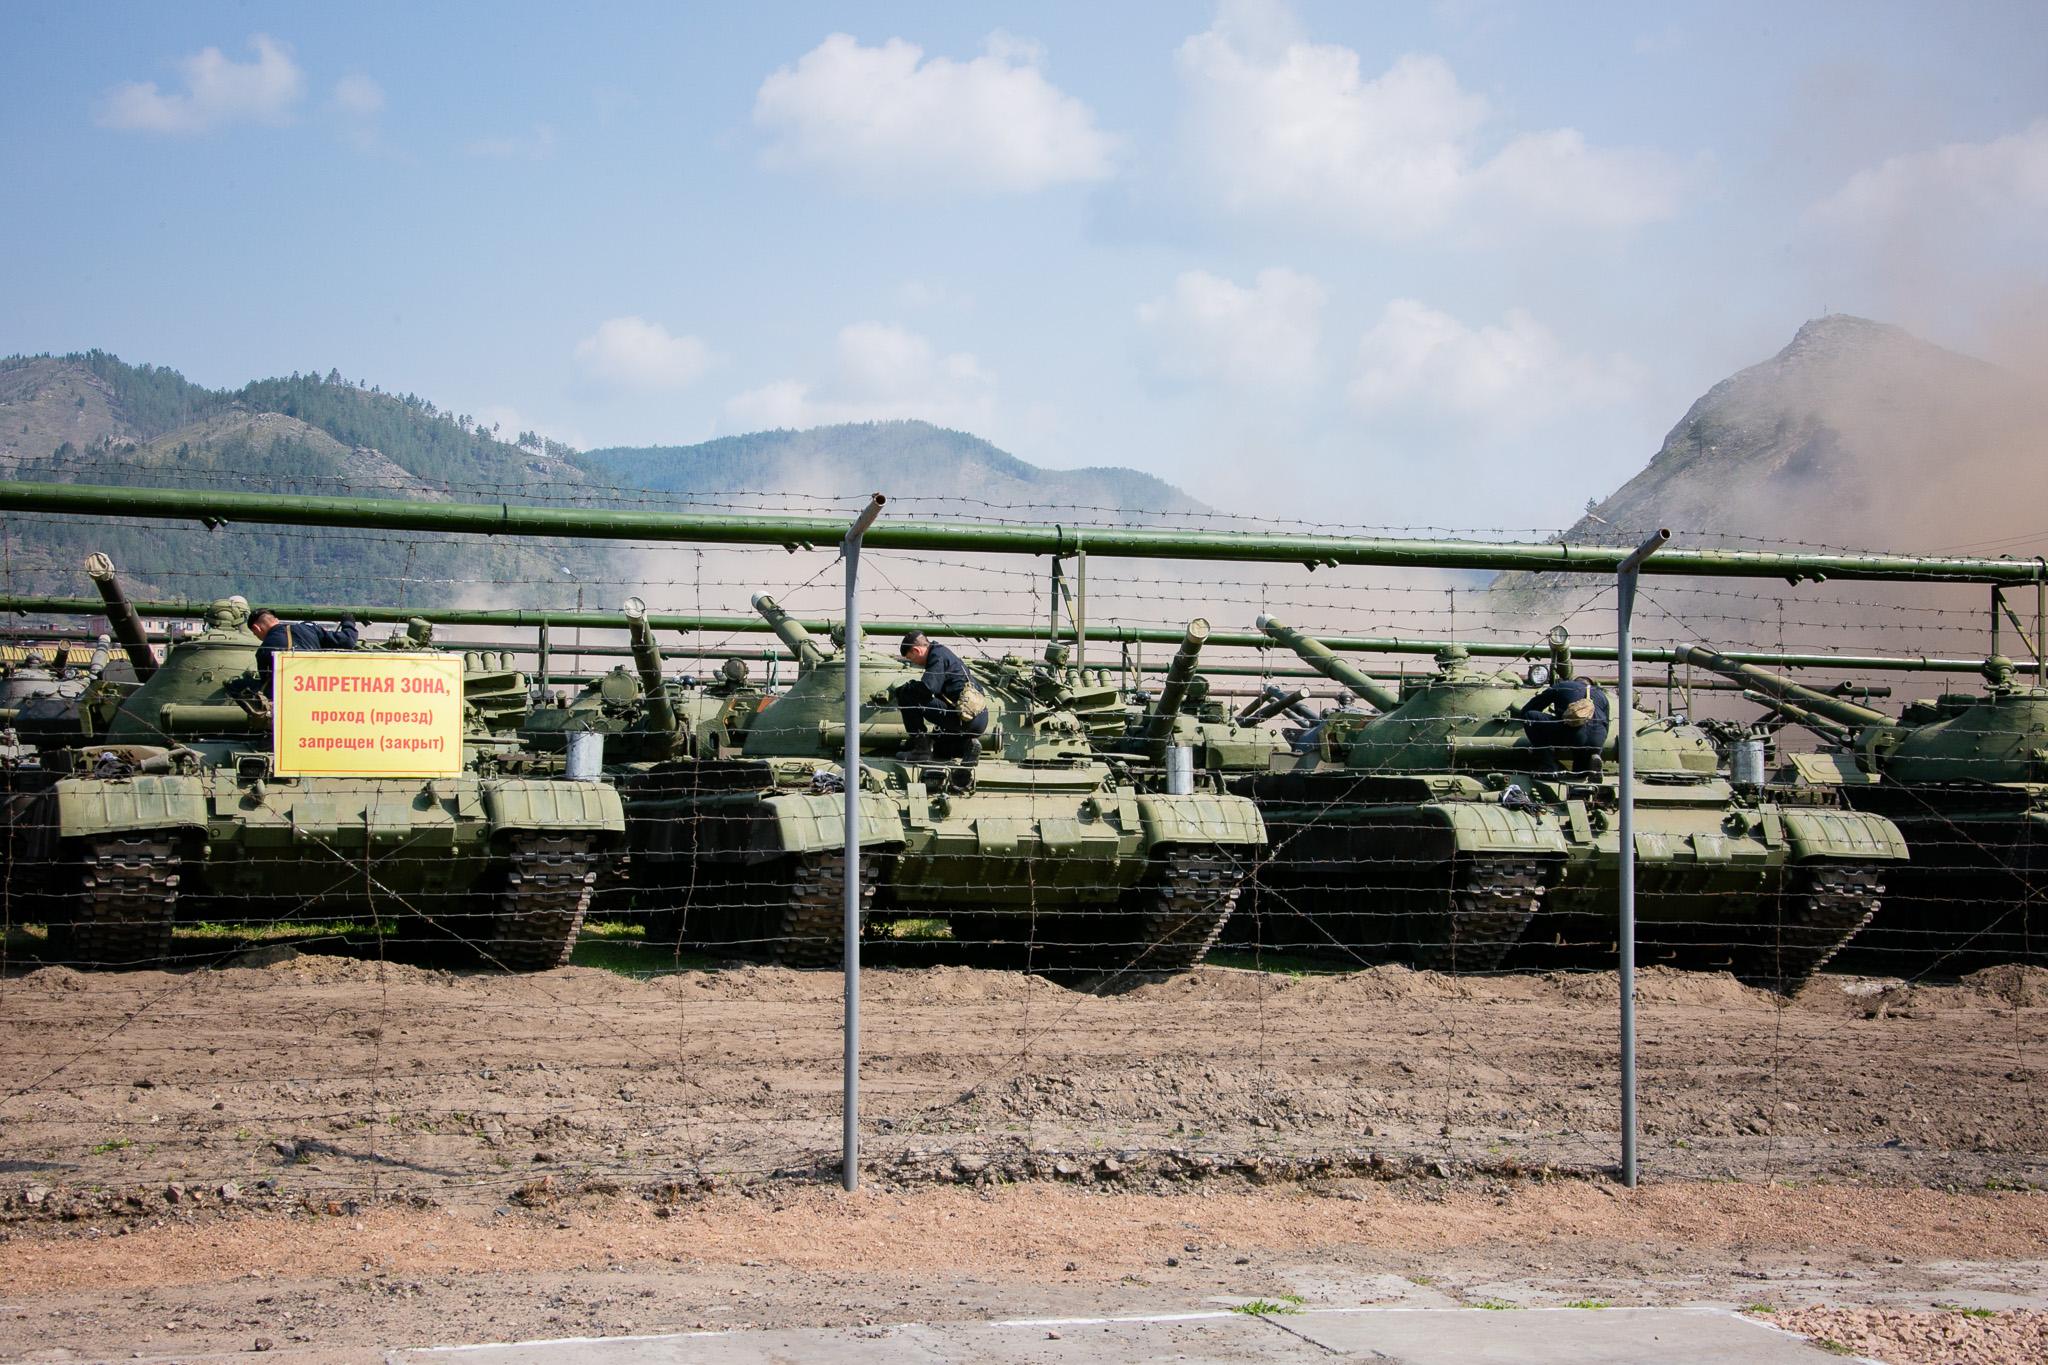 Практические занятия по подготовке к боевому применению танков Т-62 с хранения в Бурятии